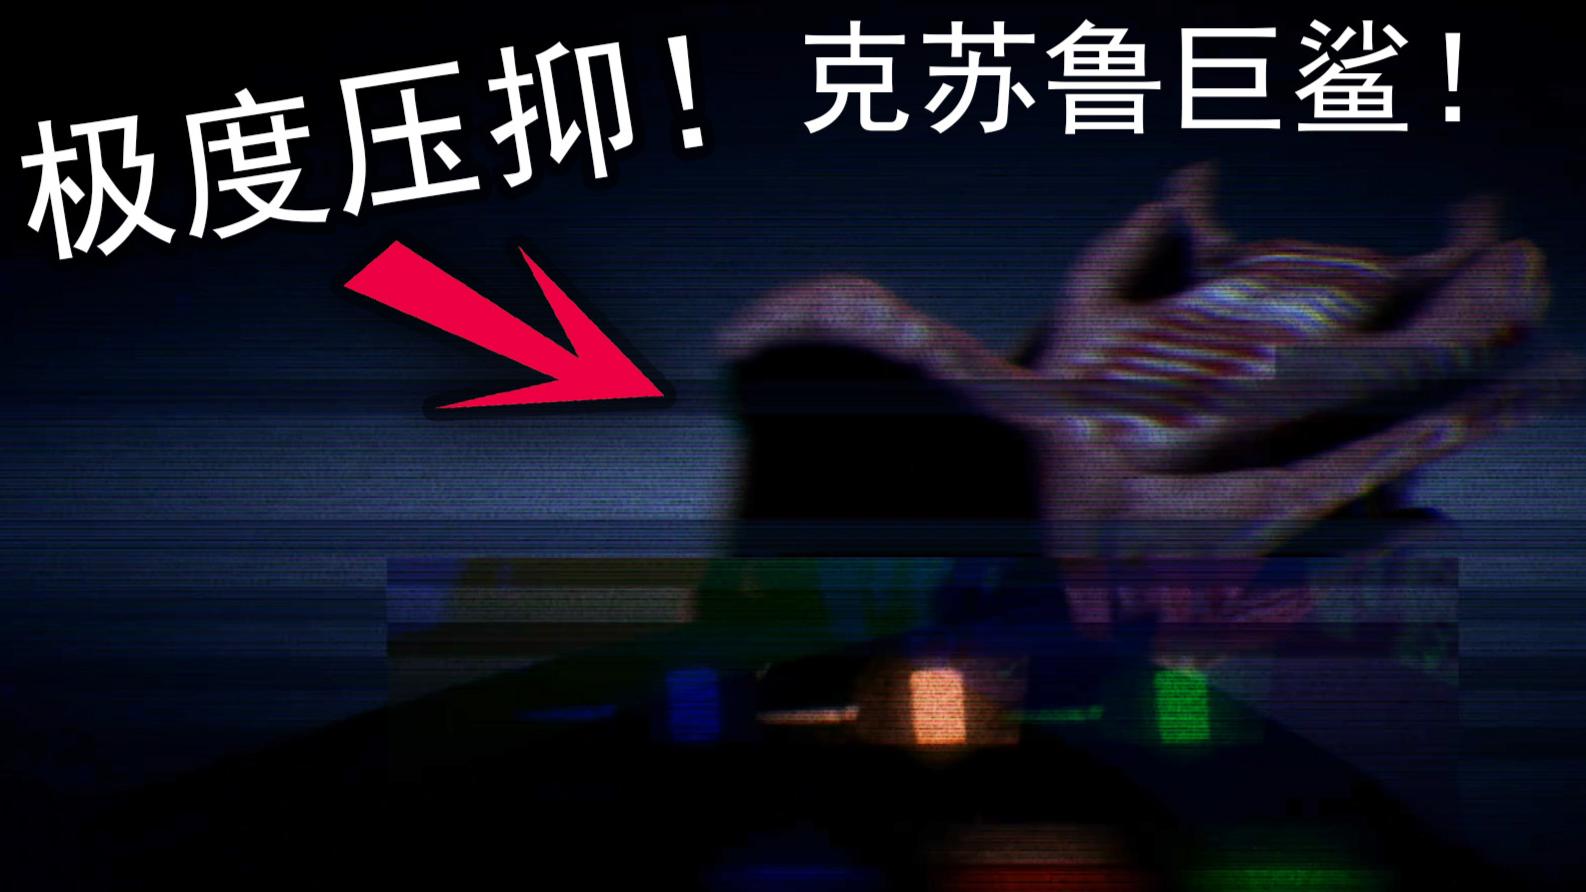 第一视角被克苏鲁巨鲨吞噬!国外恐怖克苏鲁游戏!